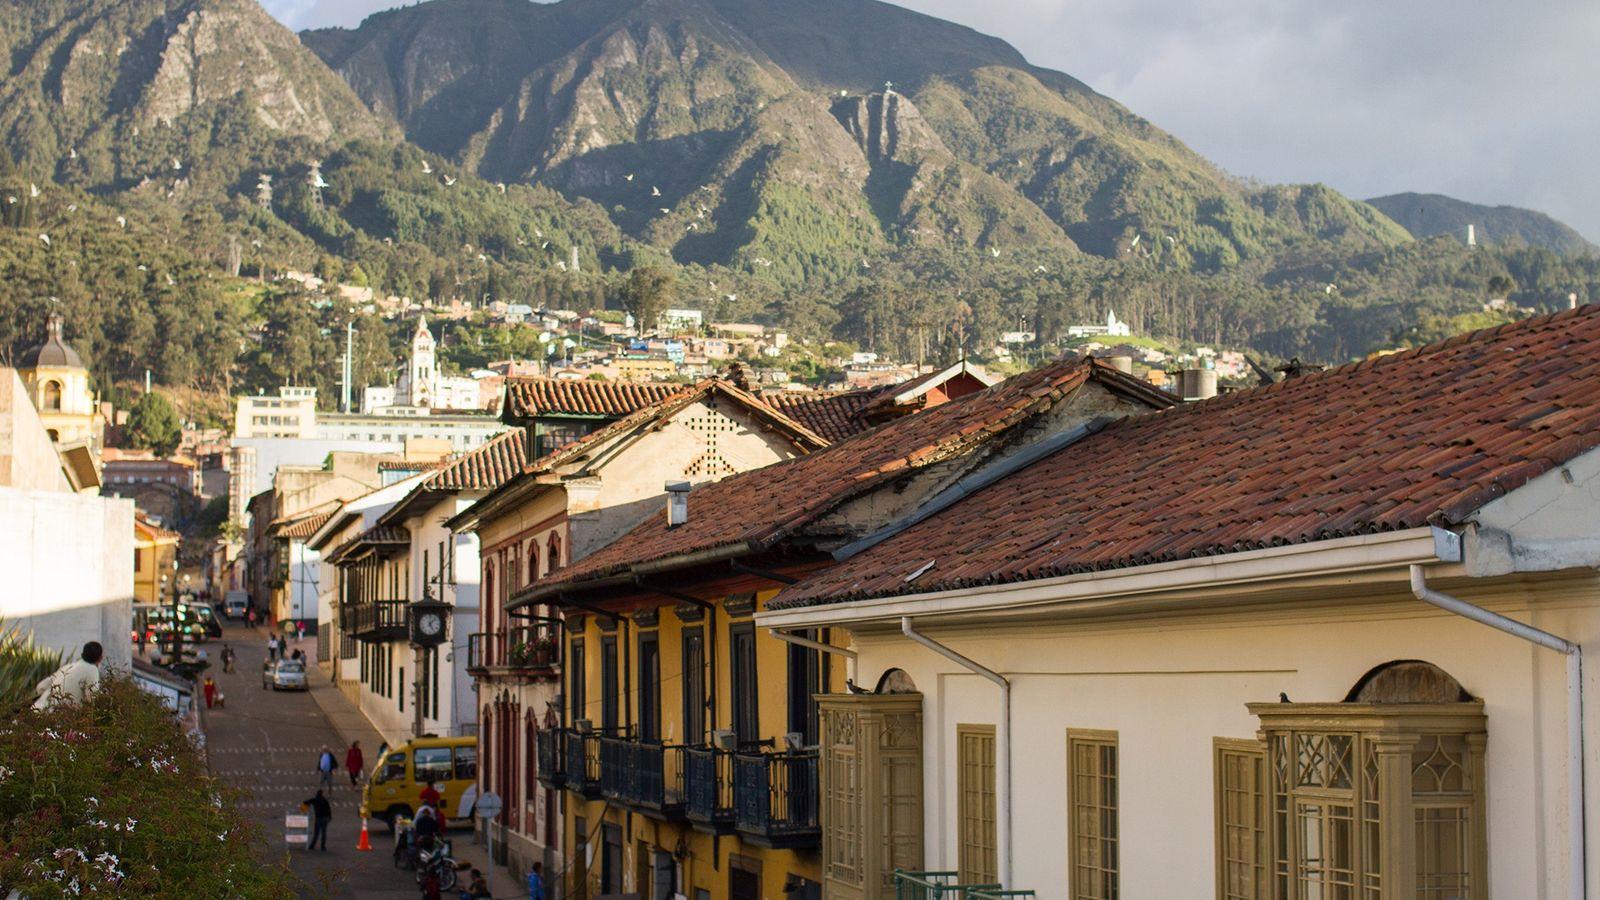 As montanhas andinas formam um cenário magnífico no centro de Bogotá.